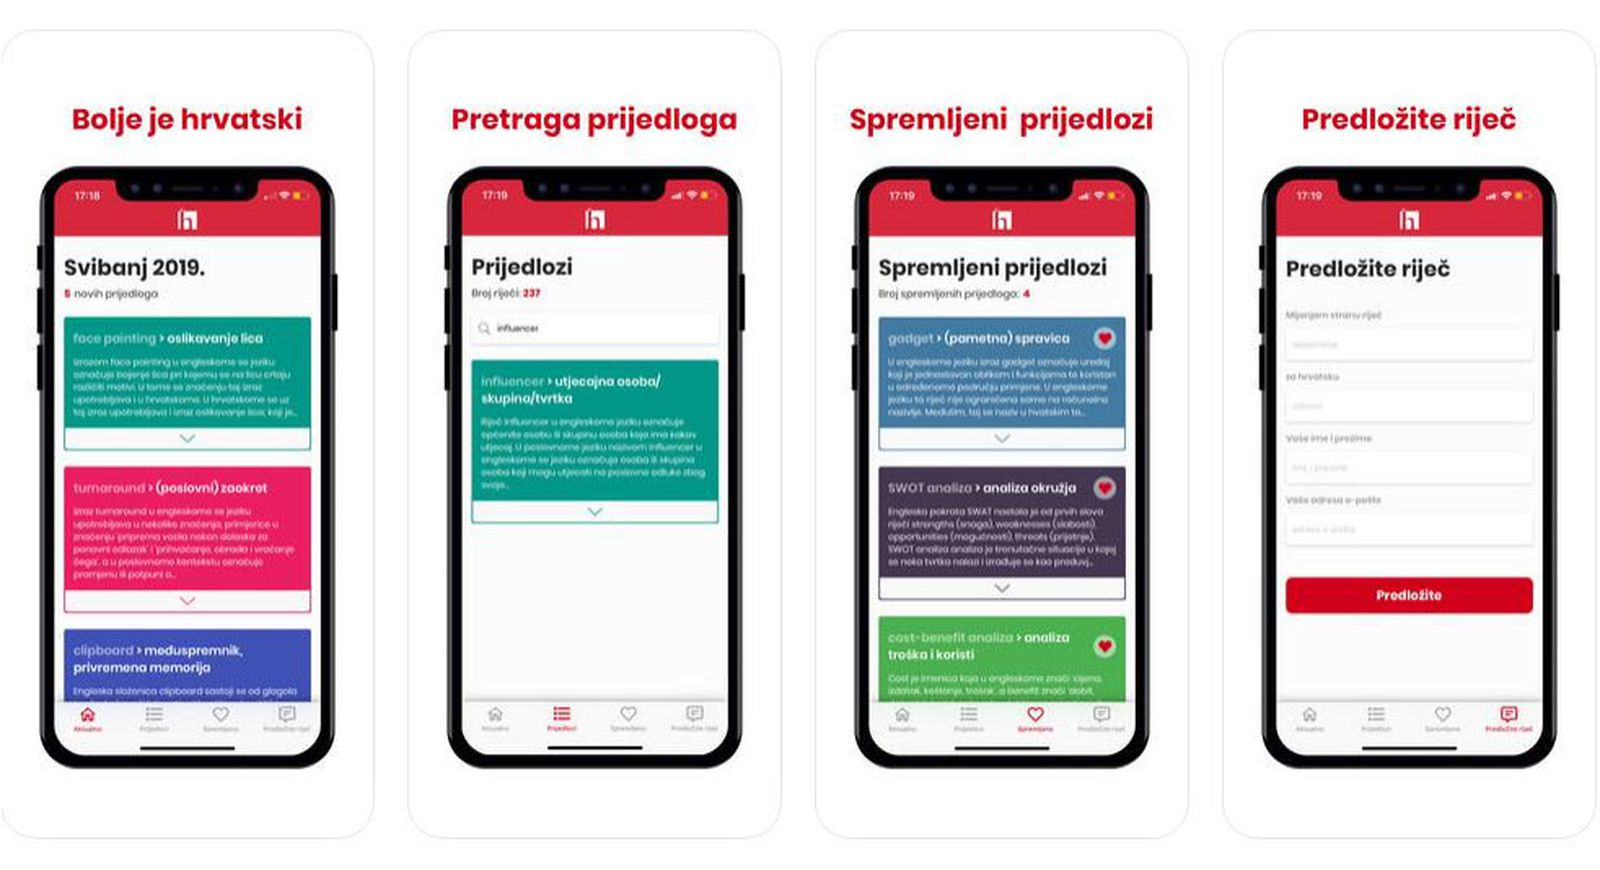 Aplikacija Bolje je hrvatski (Foto: Screenshot/AppStore)